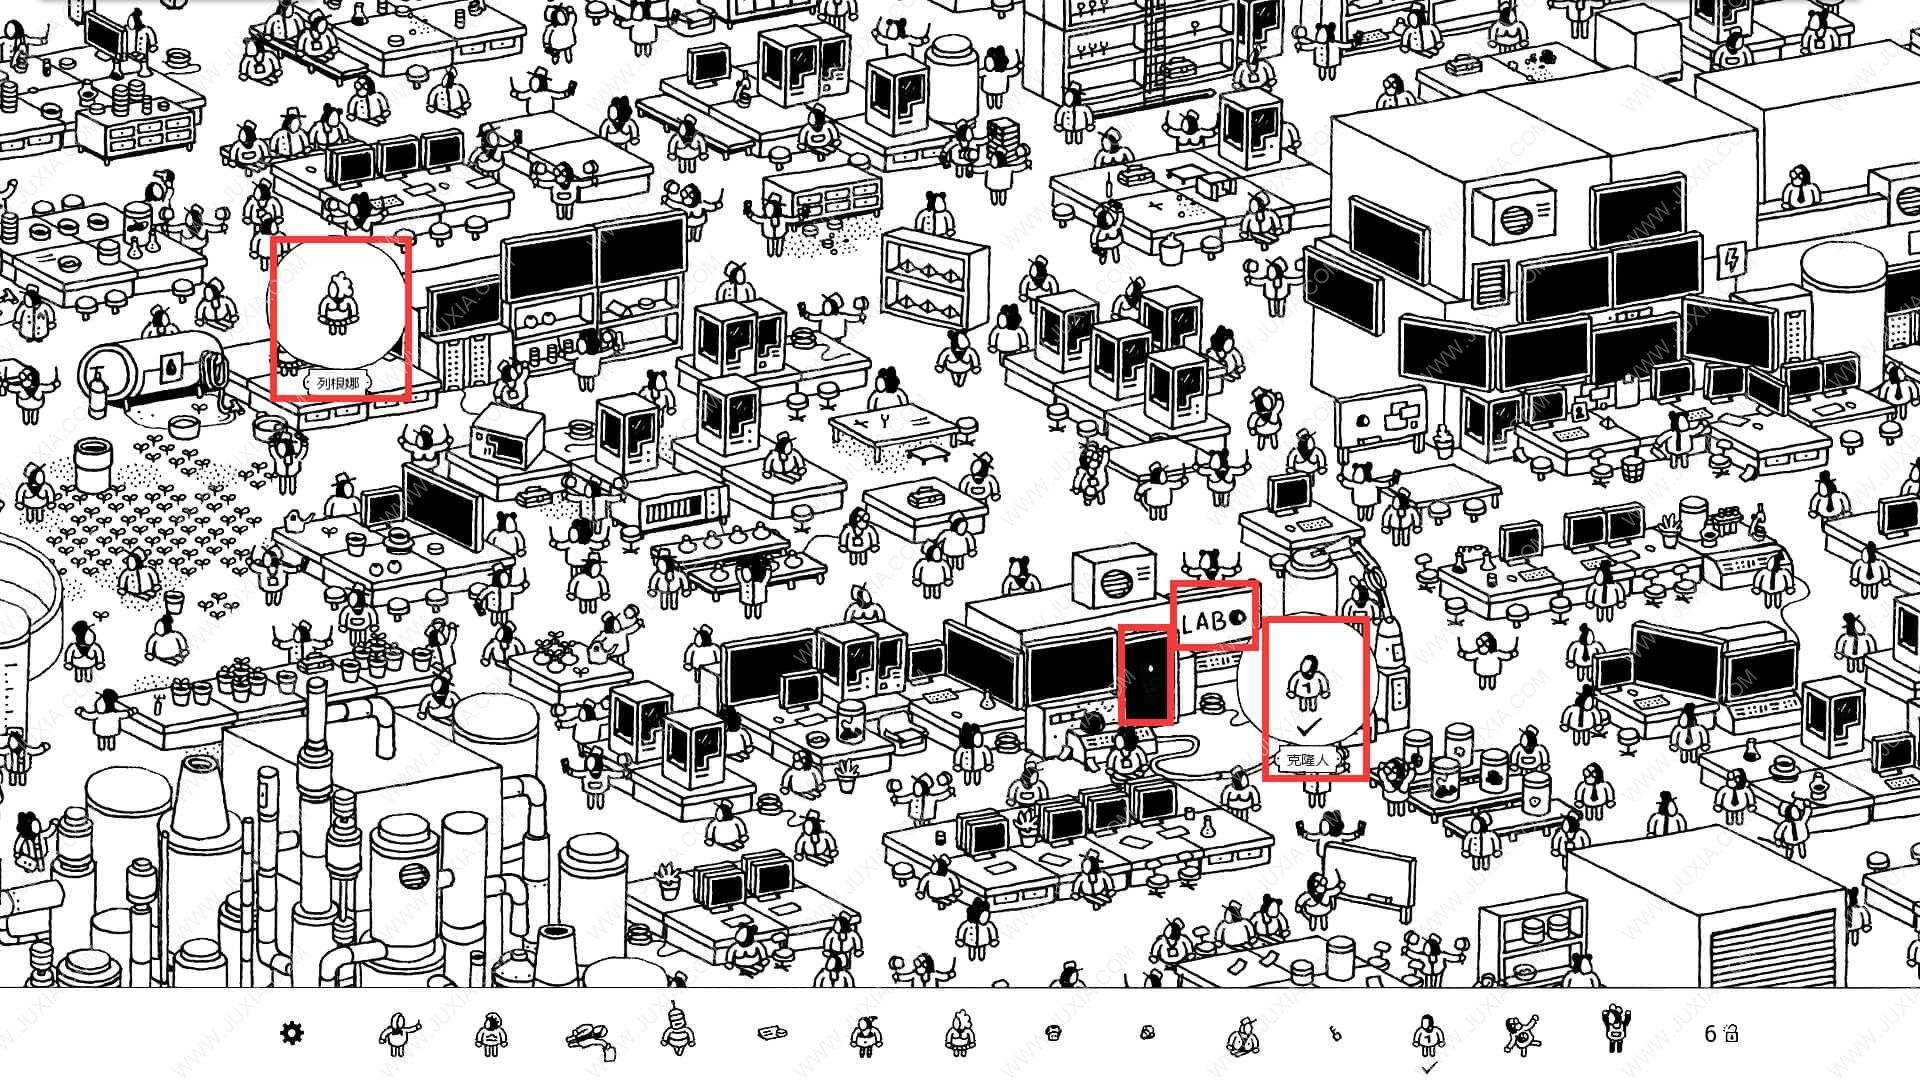 隐藏的家伙工厂2攻略 HiddenFolks图文攻略工厂第二关